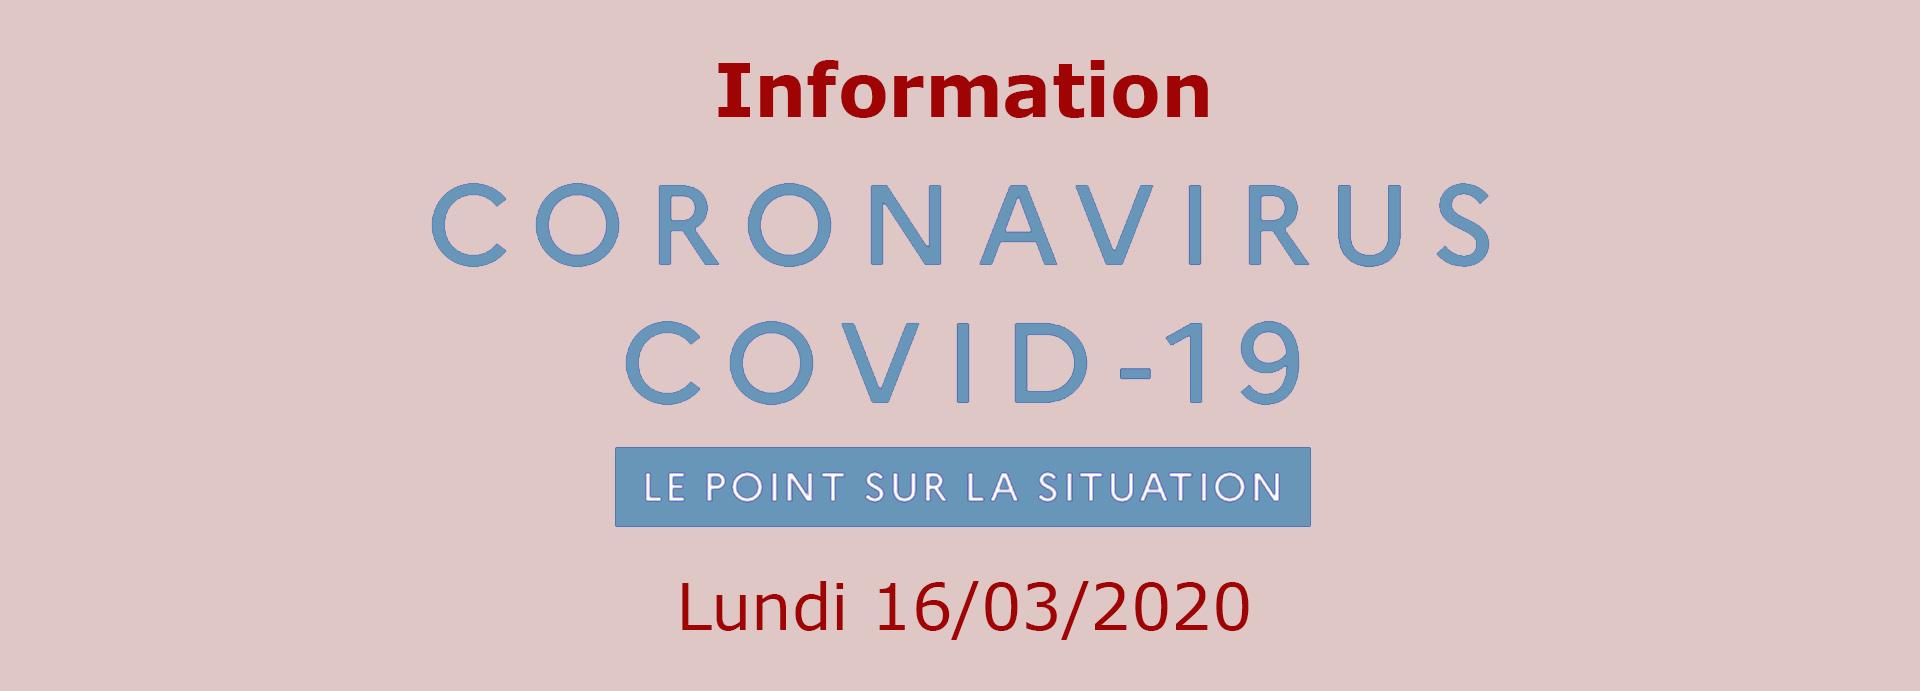 Coronavirus: Passage au Stade 3 du Plan d'Action gouvernemental